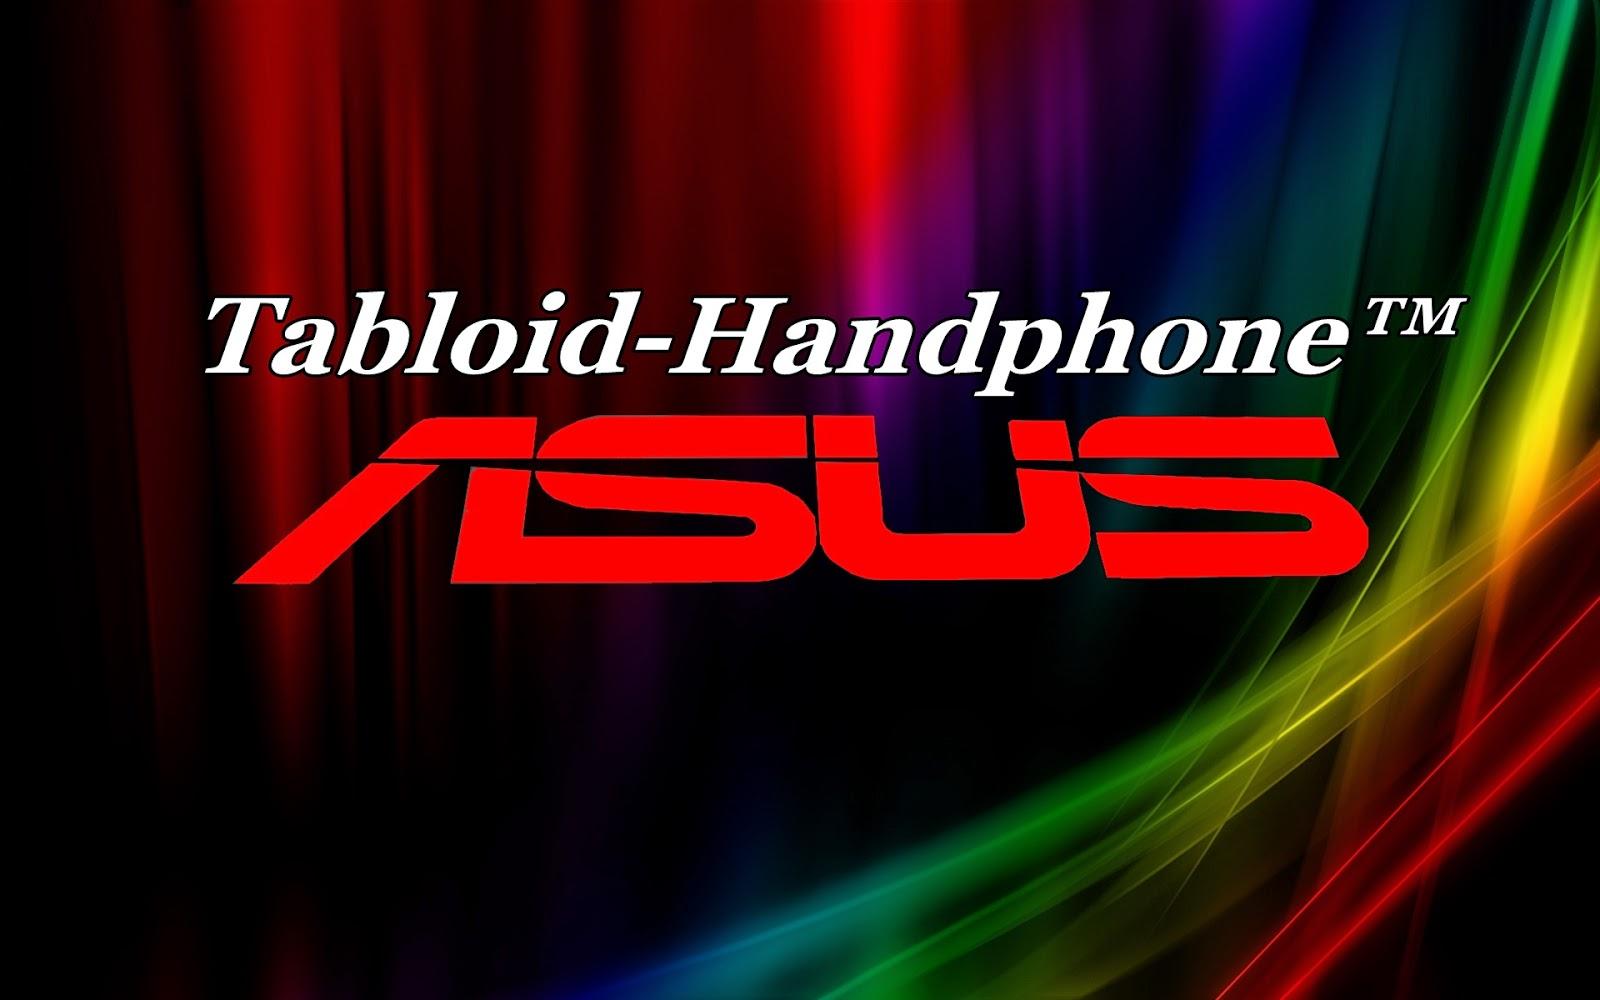 http://tabloid-handphone.blogspot.com/2014/09/harga-hp-asus-terbaru.html